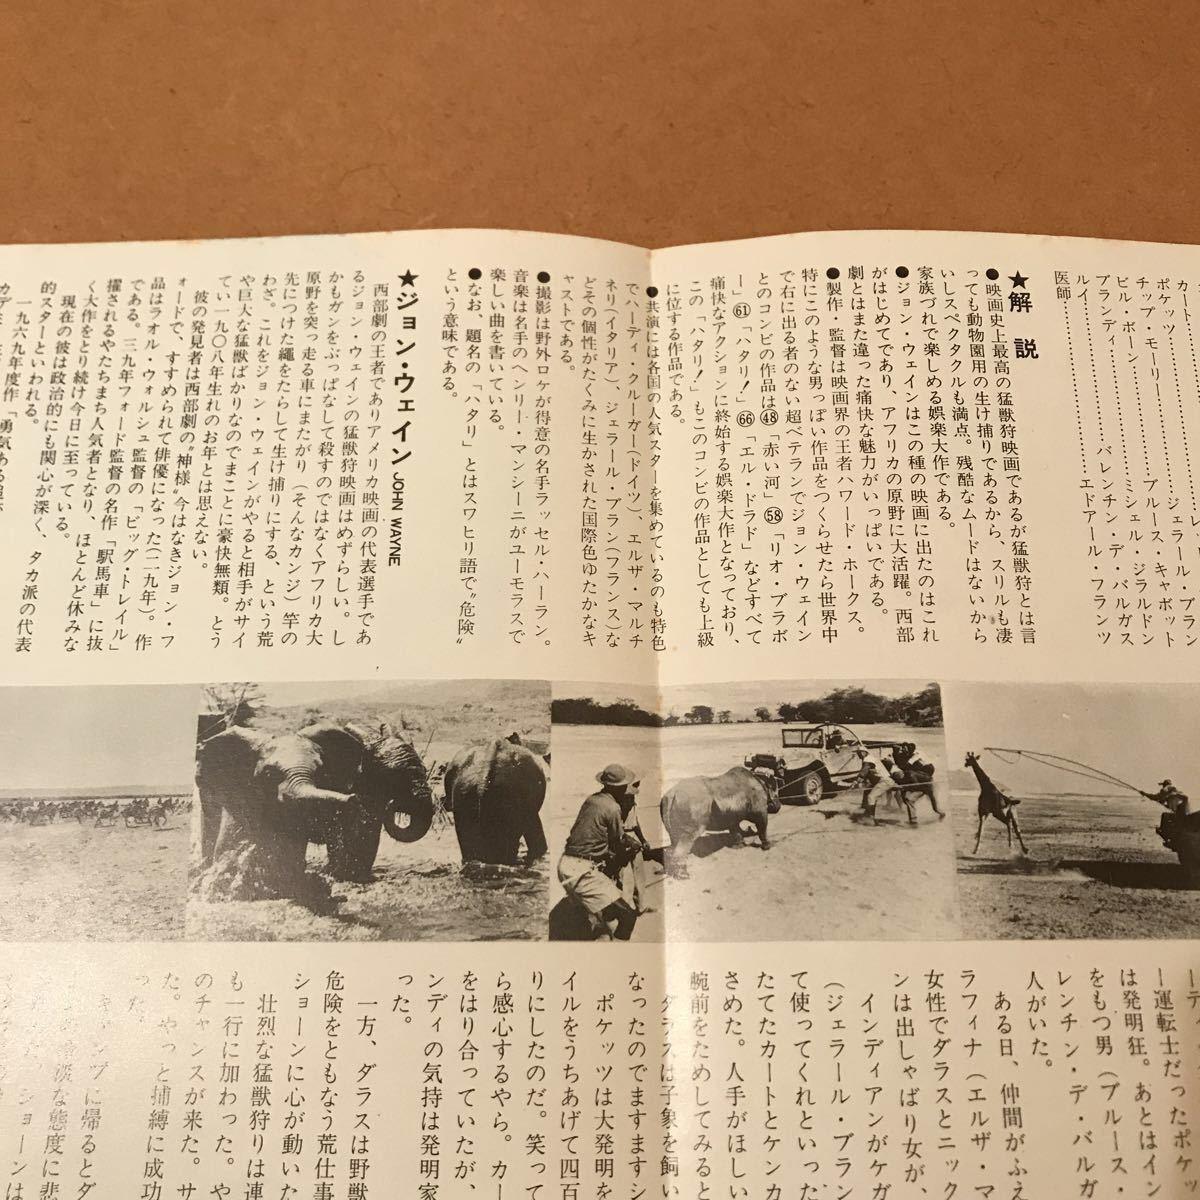 【映画チラシ】『ハタリ!』1962年初公開作品 主演:ジョン・ウェイン 通常B5版2枚折チラシ_画像6